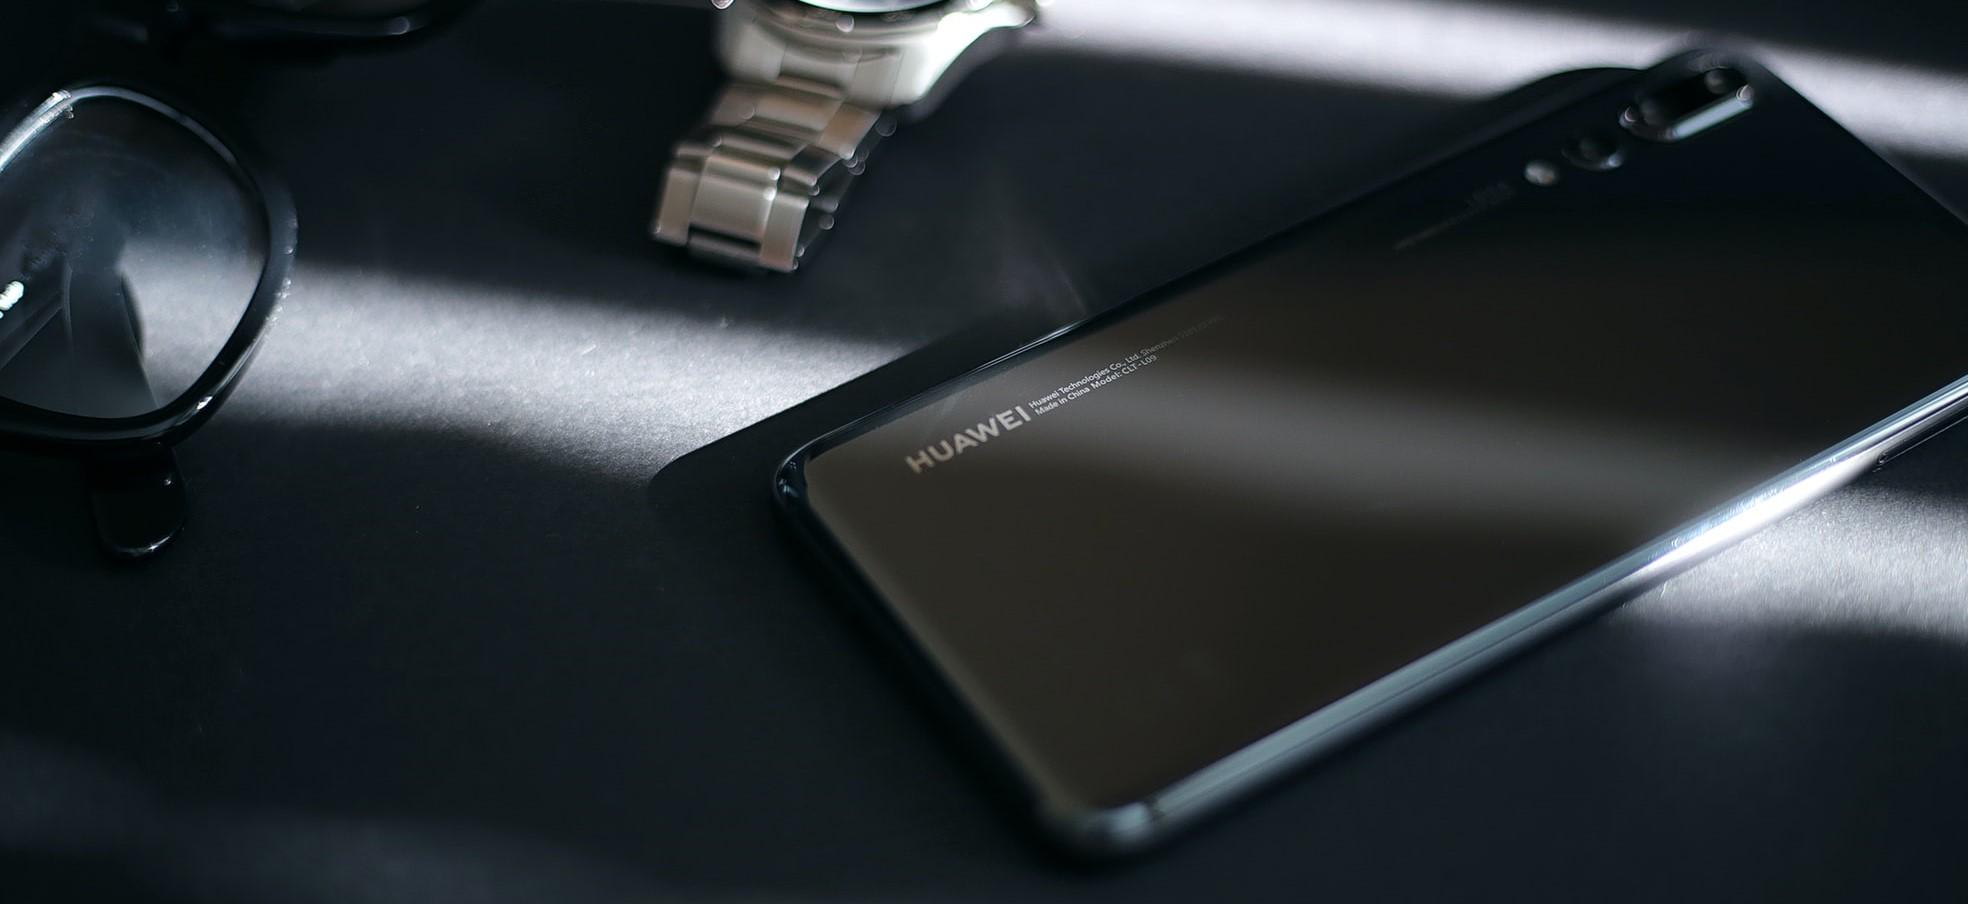 Huawei Phone Checkers